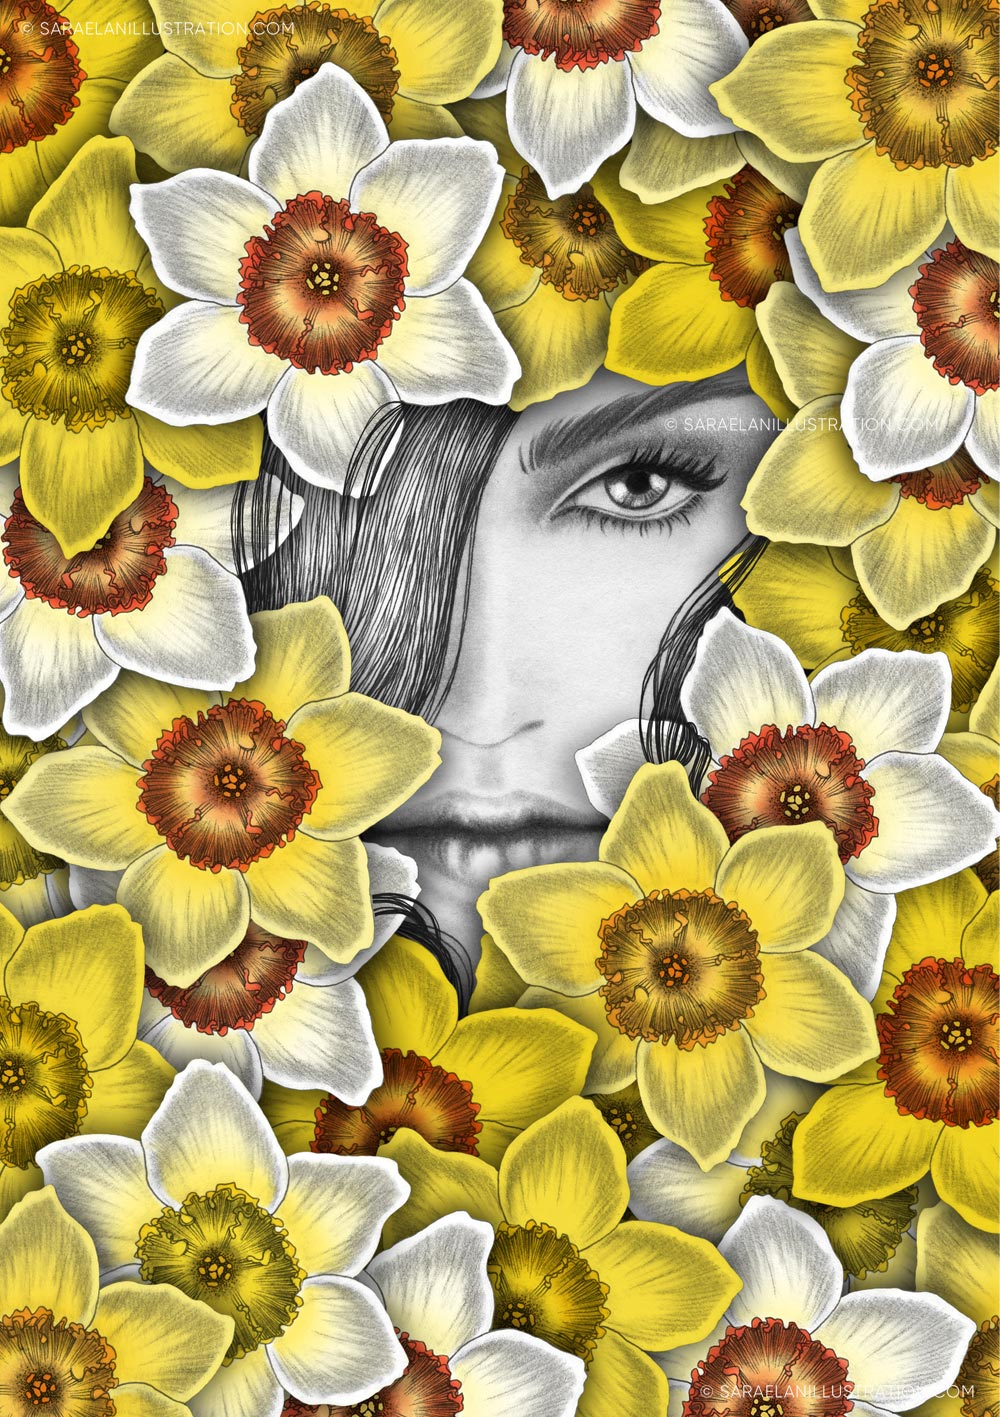 Illustrazioni-di-ragazze-con-fiori-ragazze-fiorite-narcisi